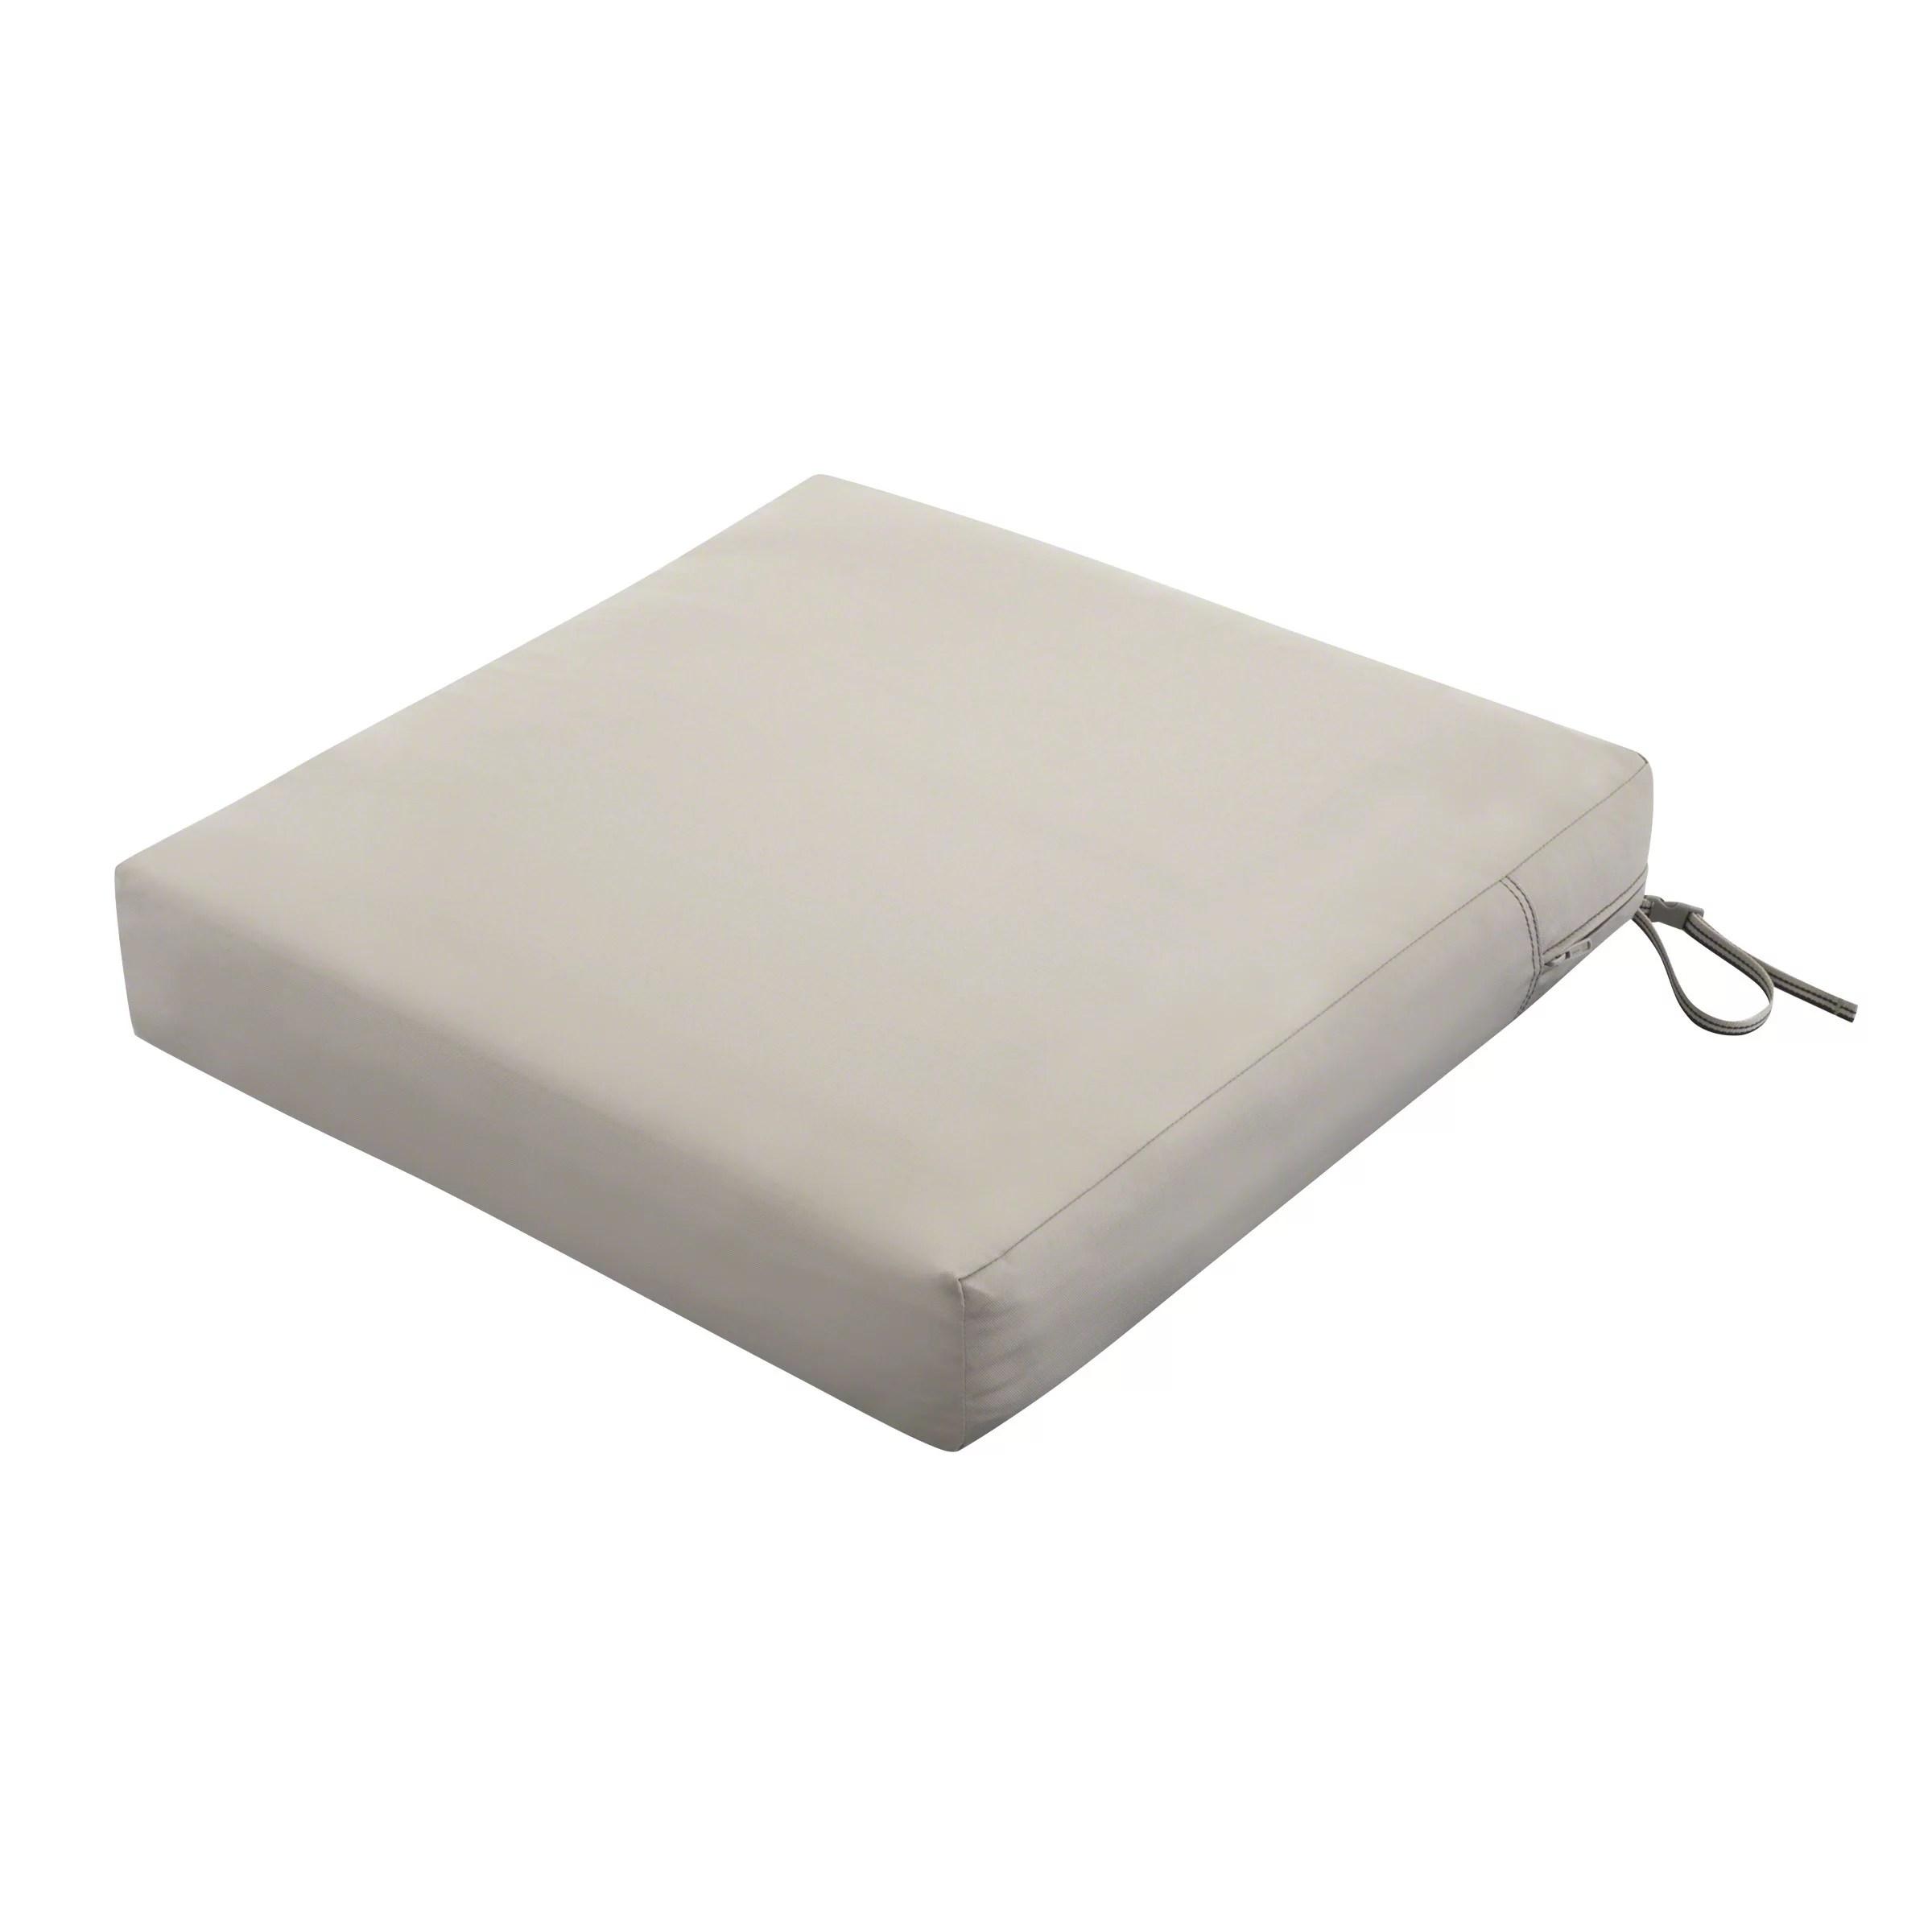 classic accessories ravenna rectangular patio seat cushion slip cover foam durable outdoor cushion mushroom 21 w x 25 d x 5 thick